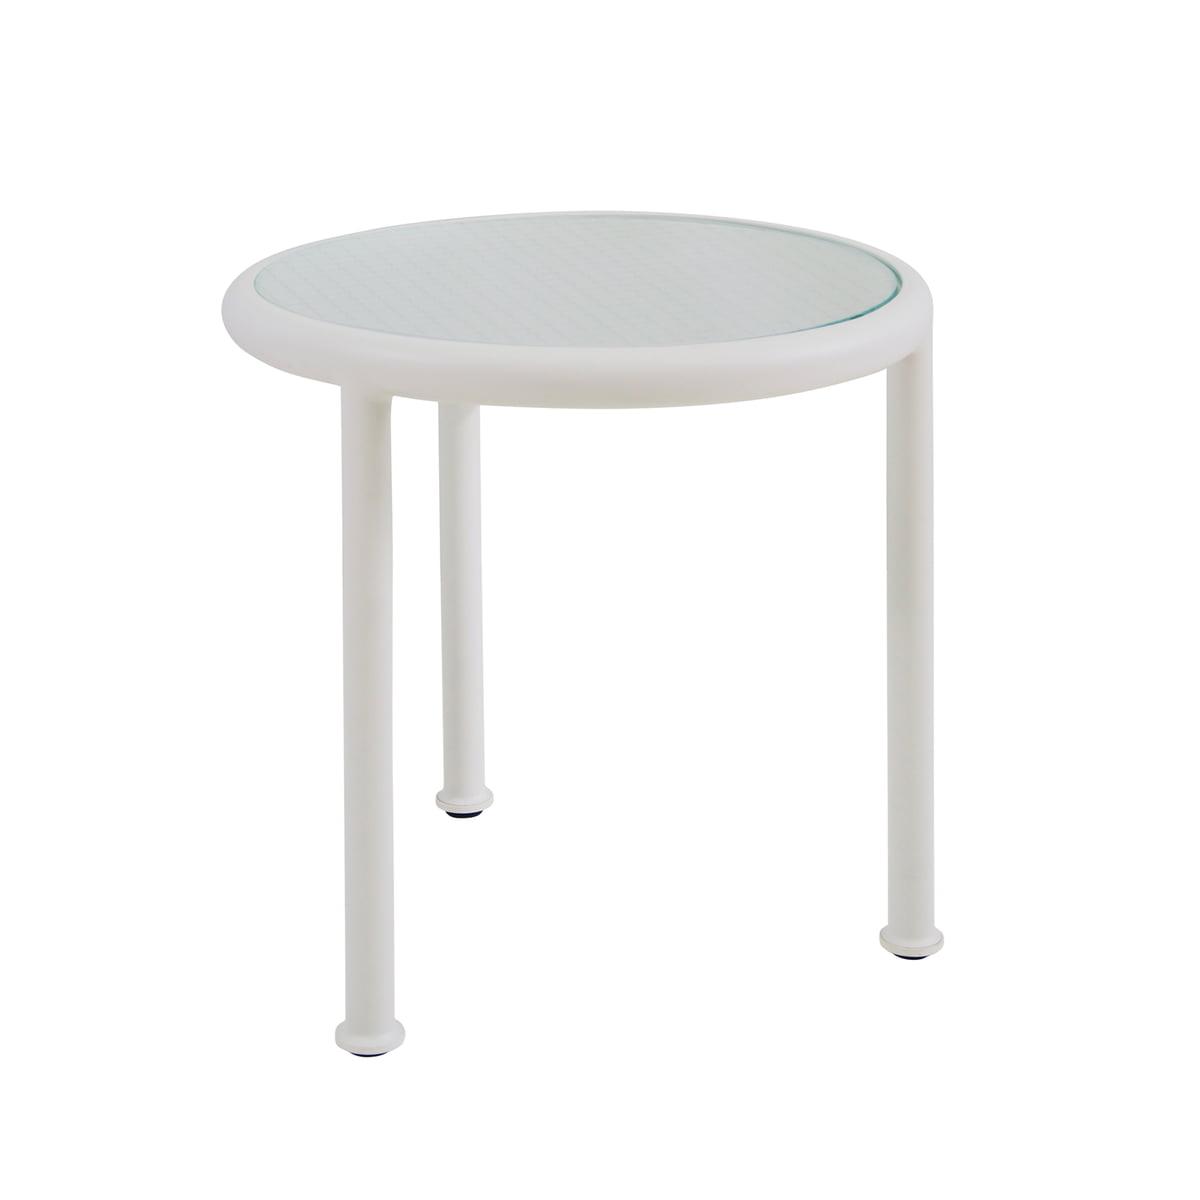 Tisch Rund 50 Cm.Emu Dock Tisch Rund H 50 ø 48 Cm Weiss Glas Gerastert